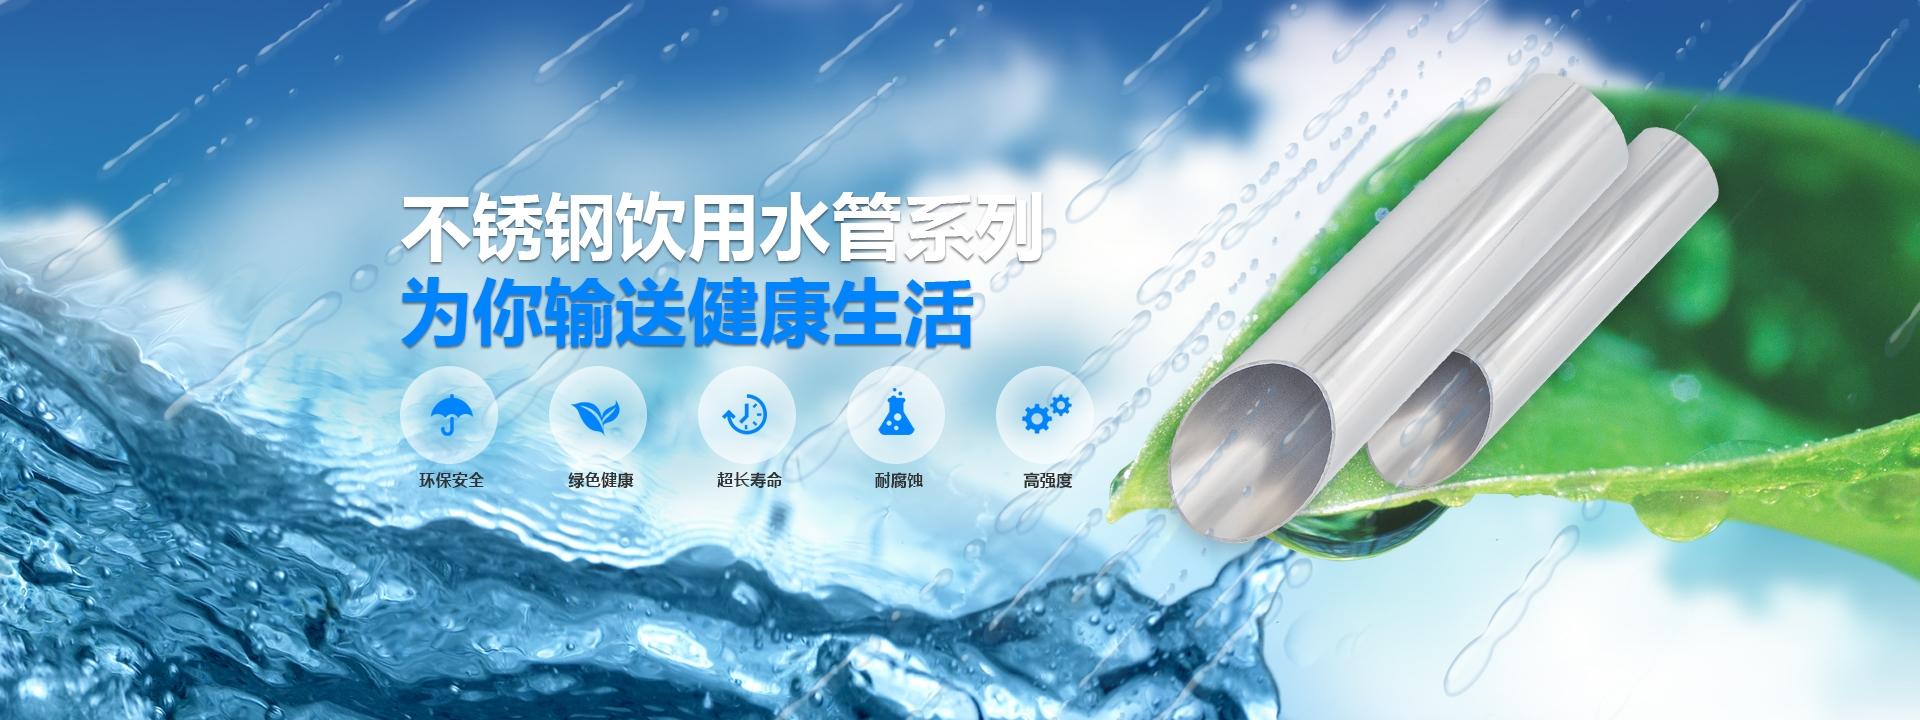 输送健康水管